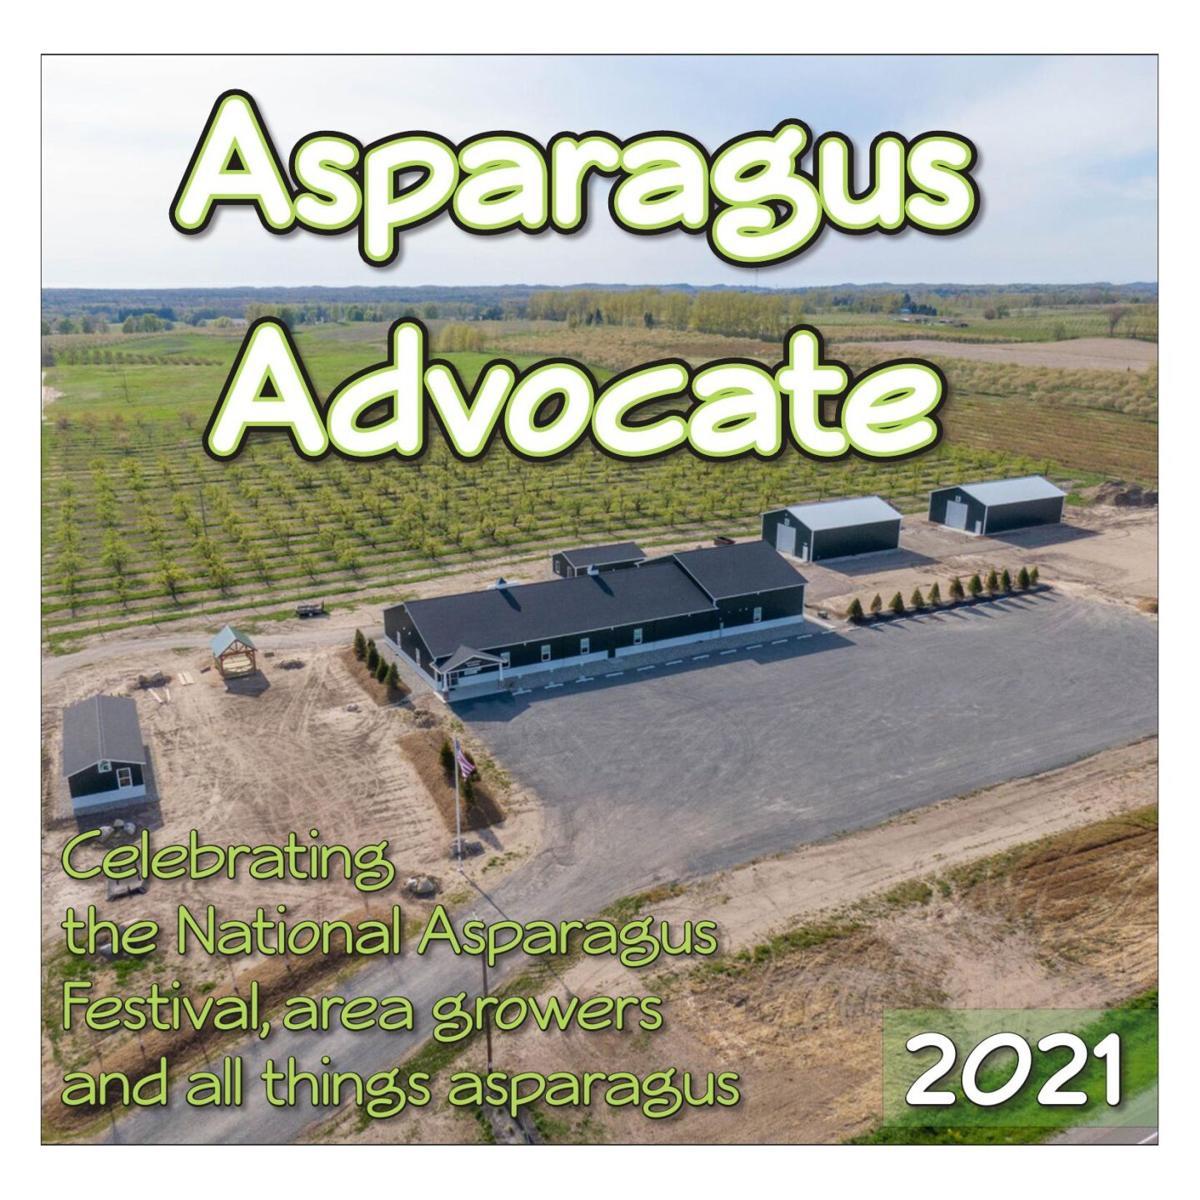 Asparagus Advocate 2021